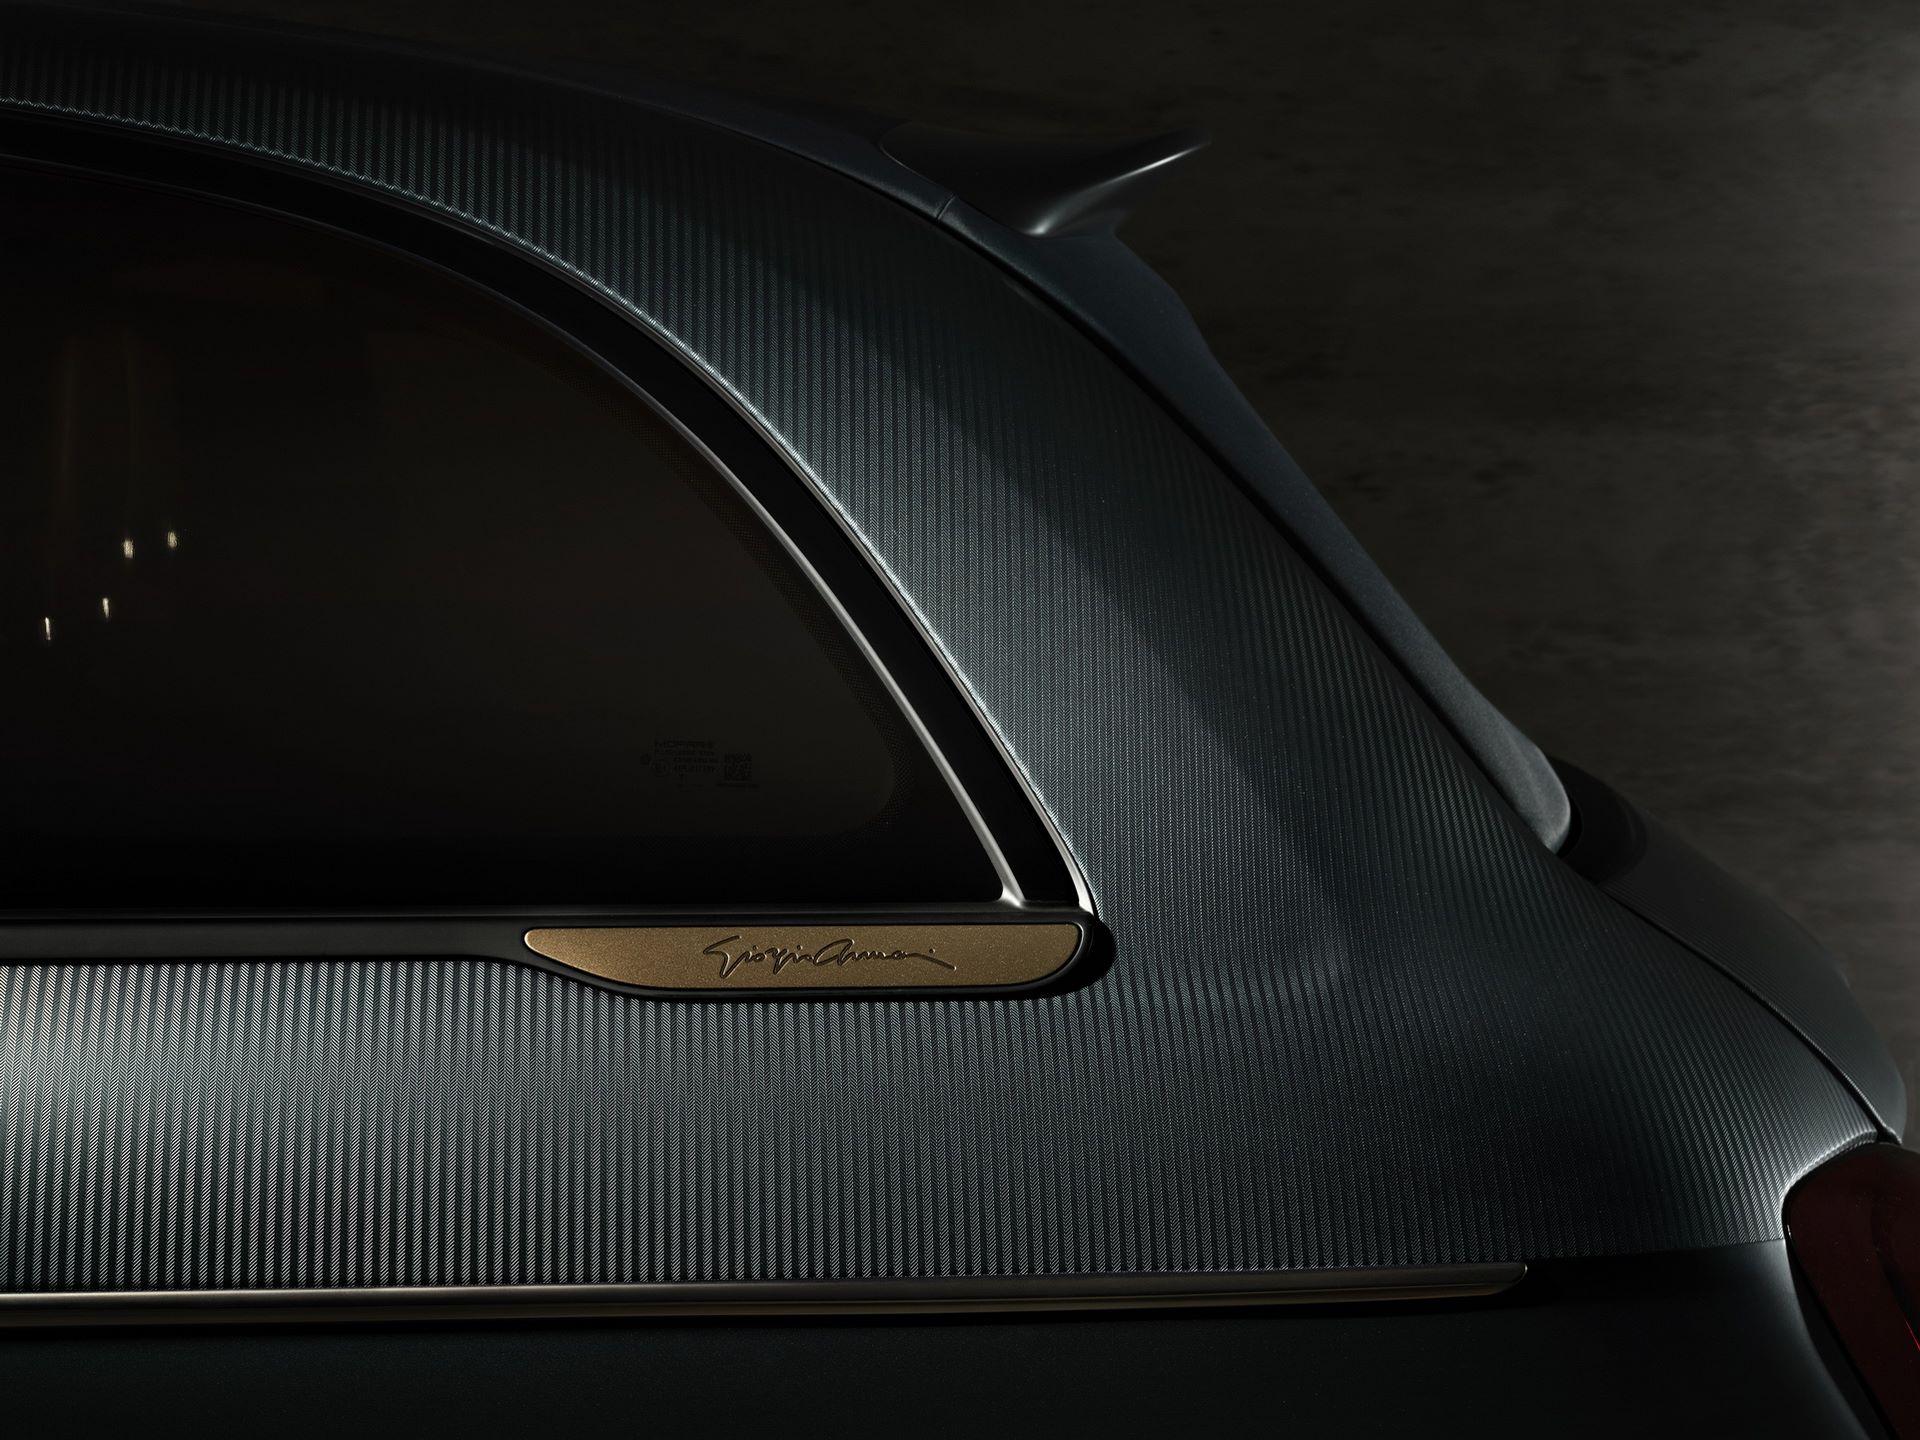 Fiat-500-2020-59